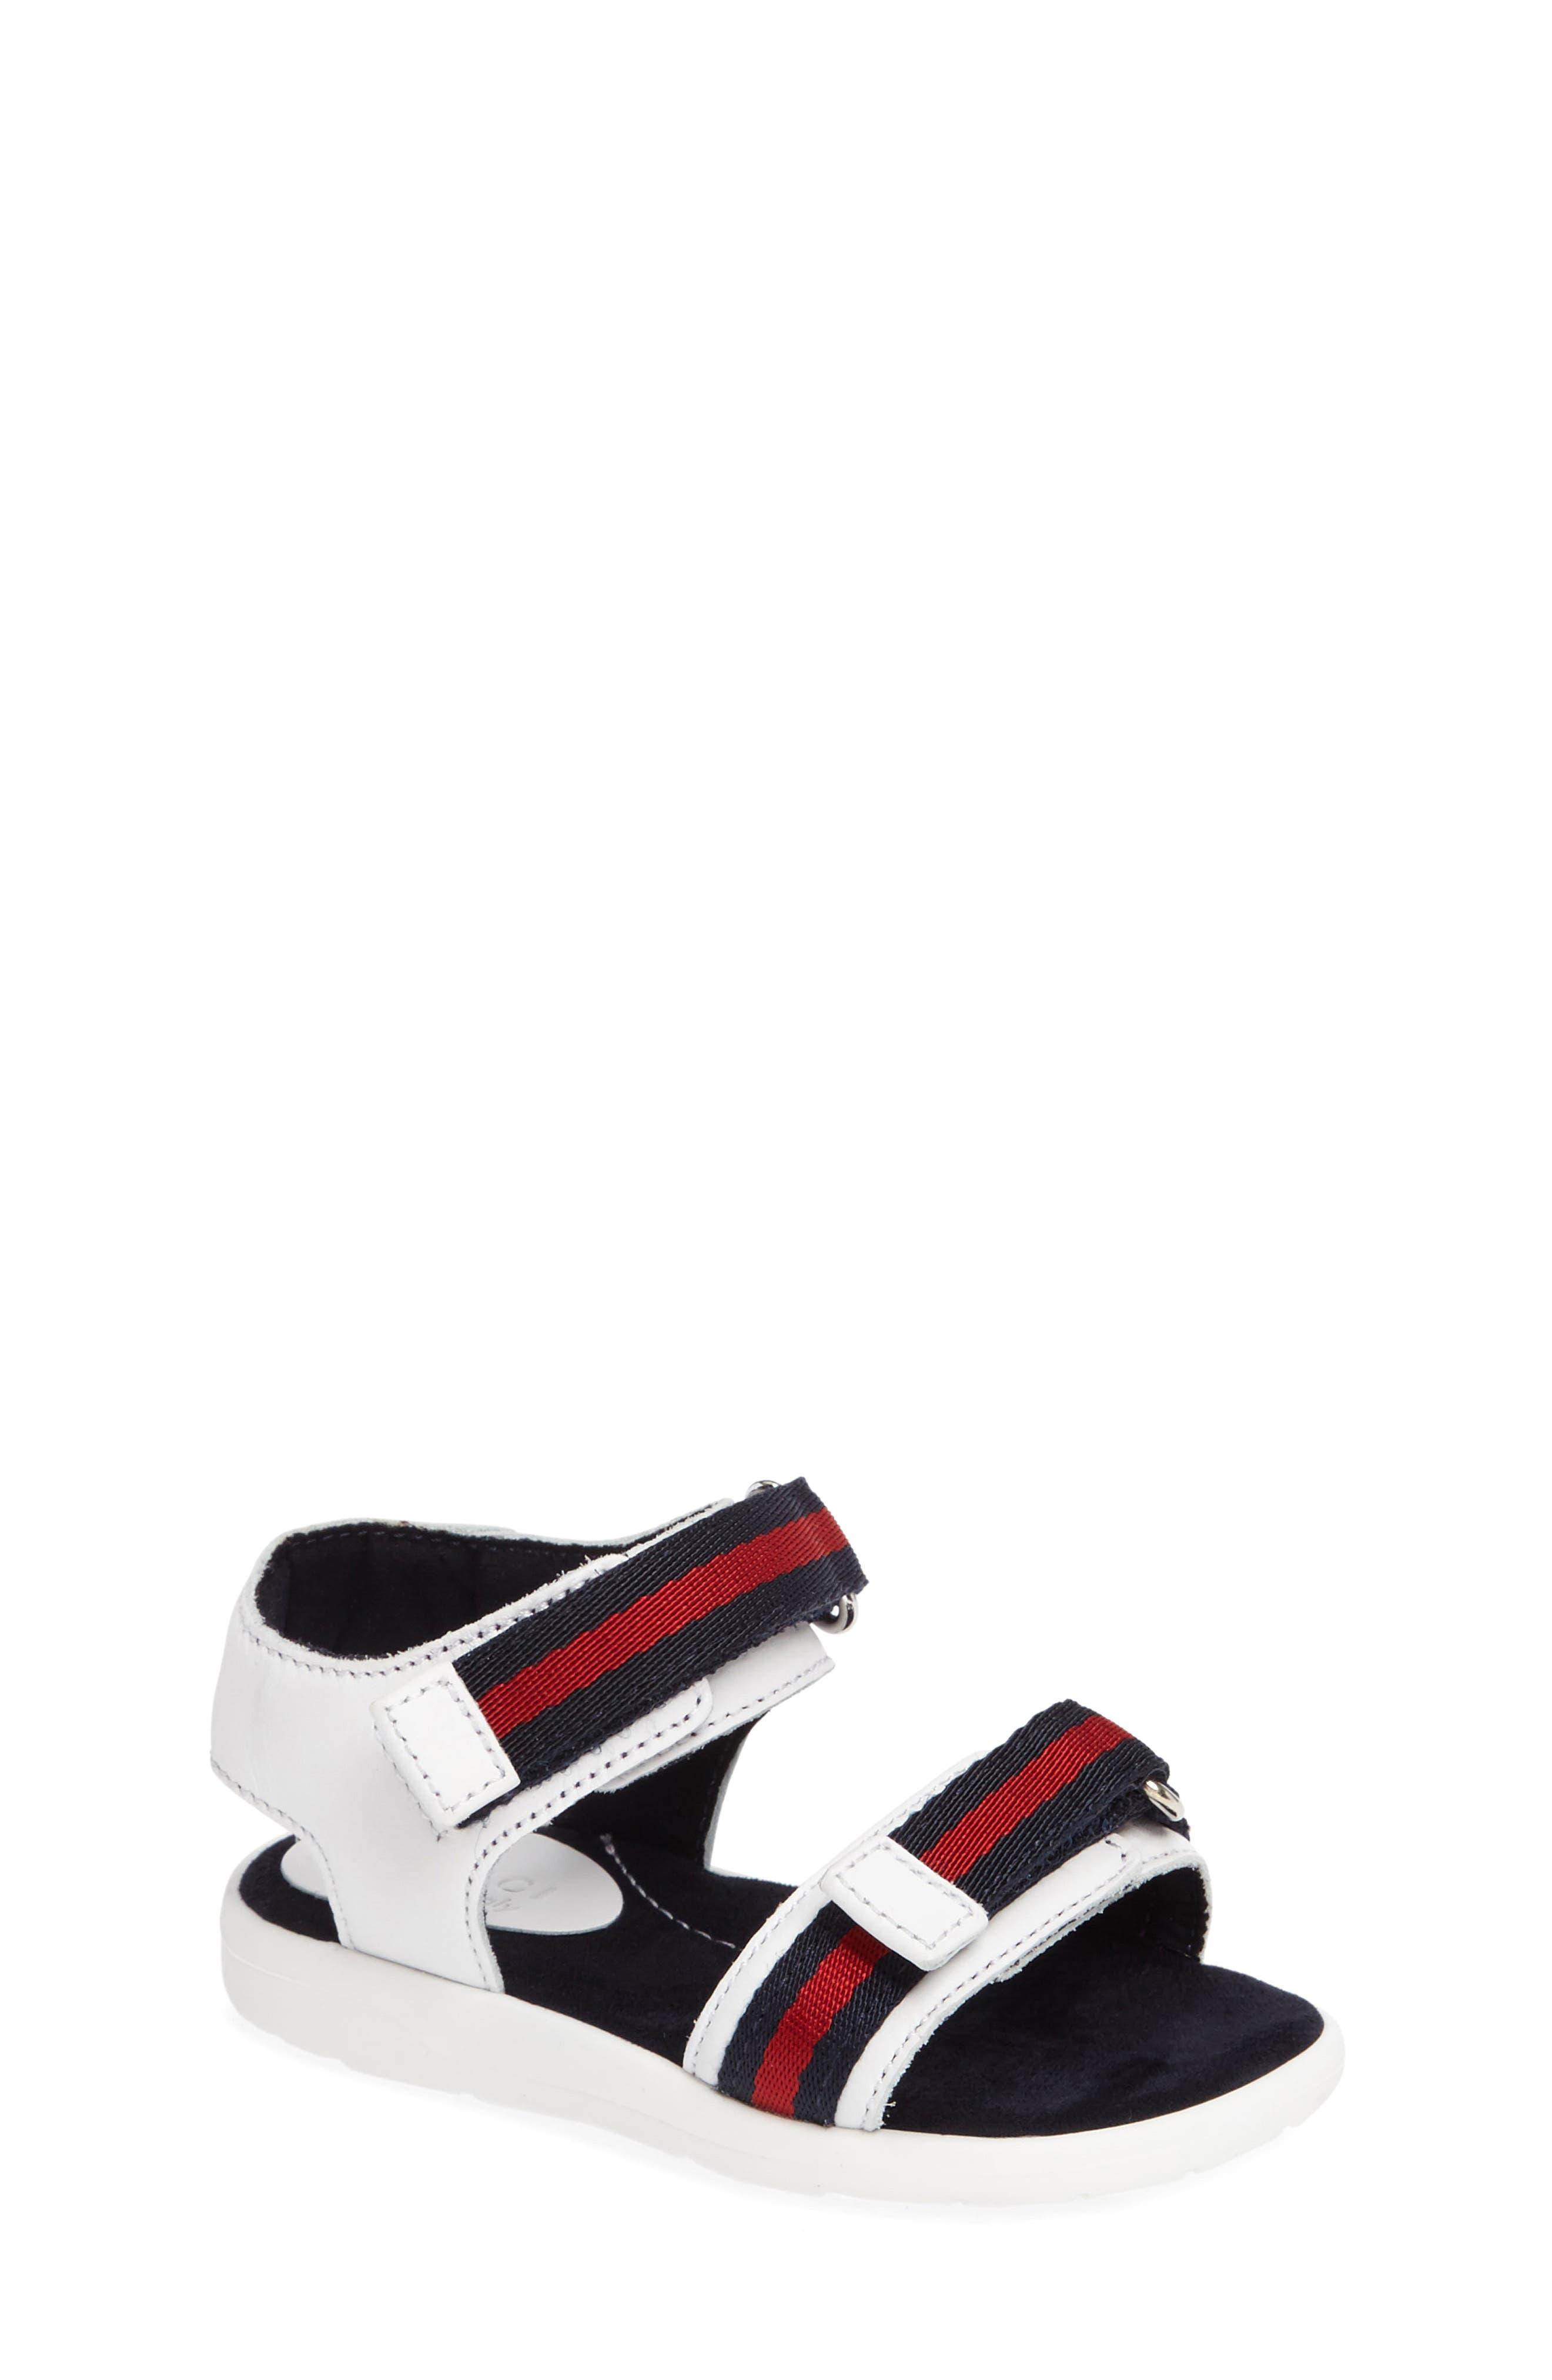 GUCCI Stripe Web Sandal